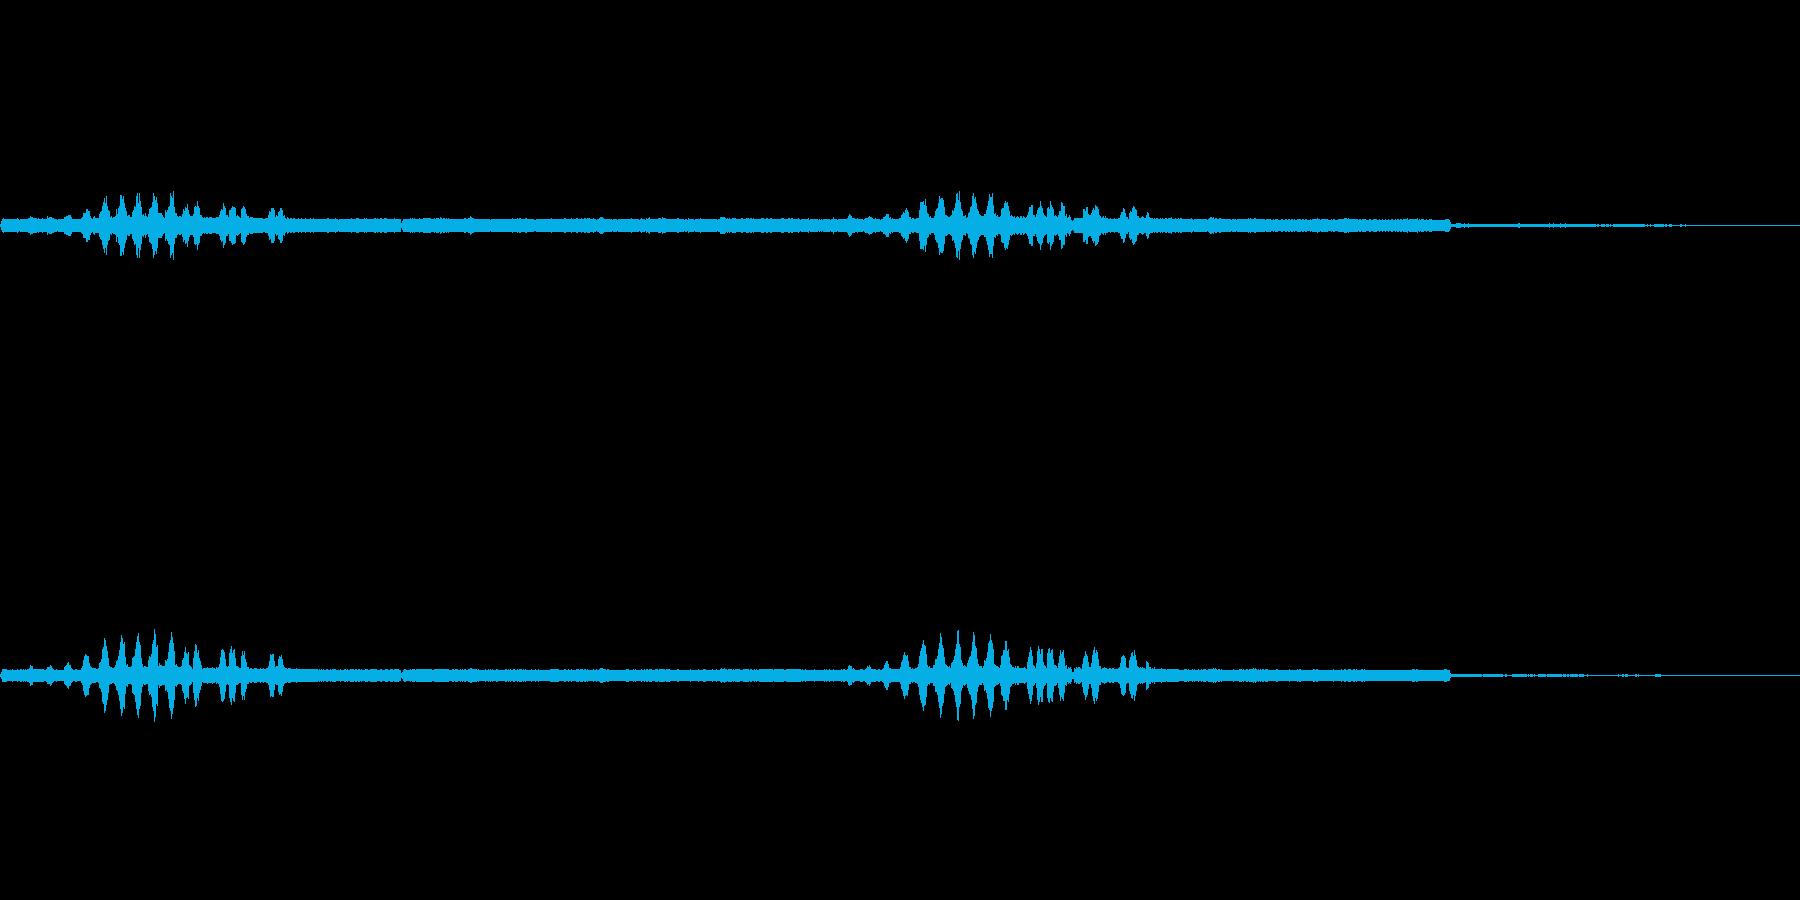 エンマコオロギの声2の再生済みの波形